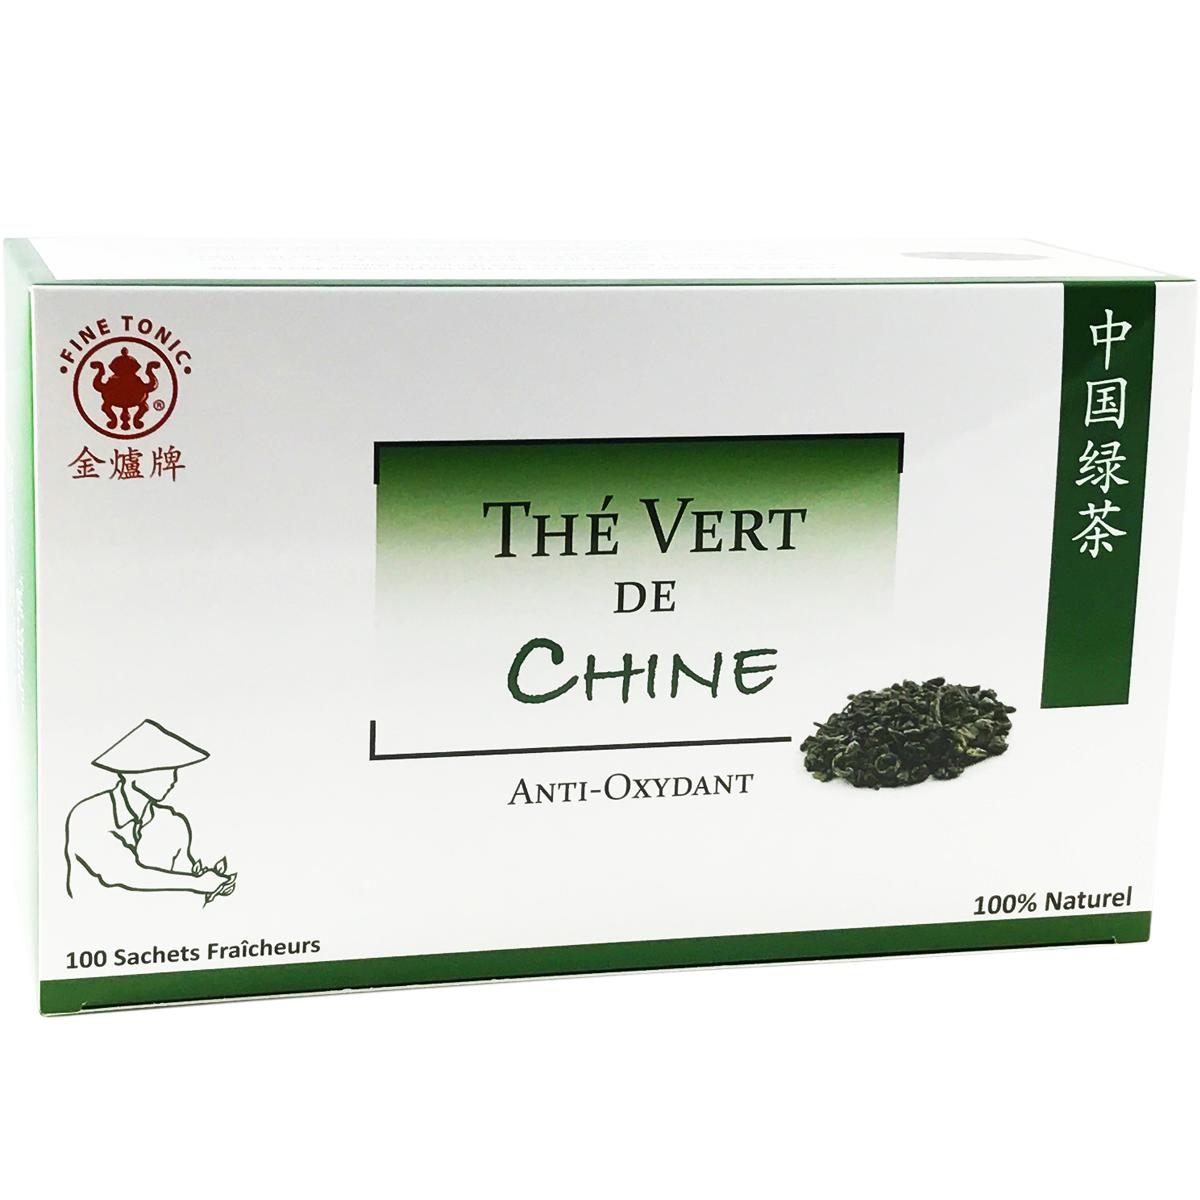 Thé vert de Chine (100 sachets) - Anti-Oxydant Image